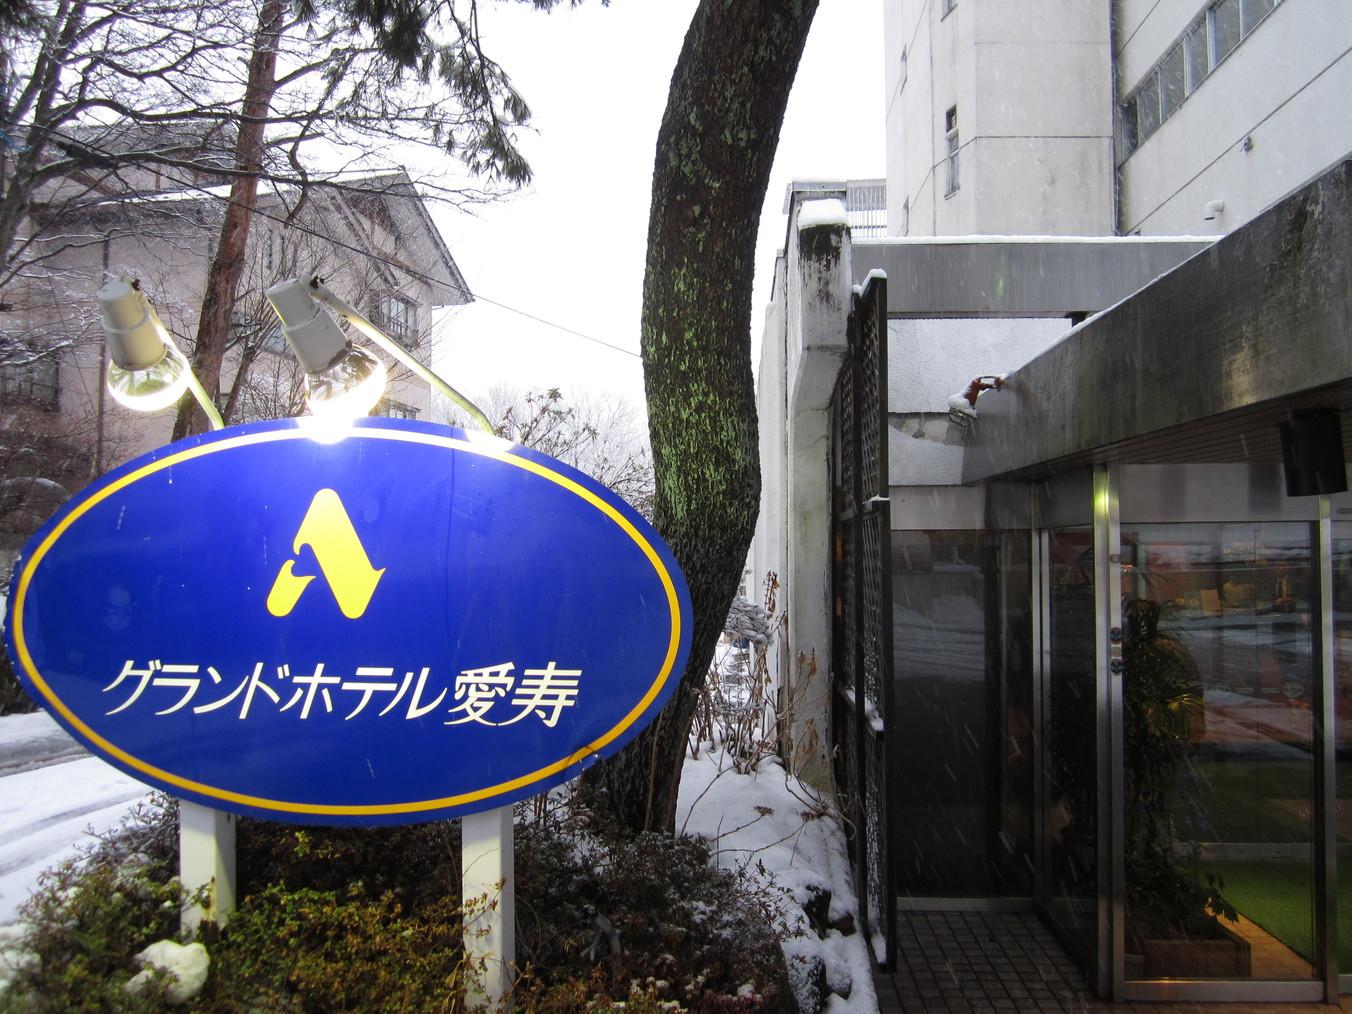 グランドホテル愛寿 name=